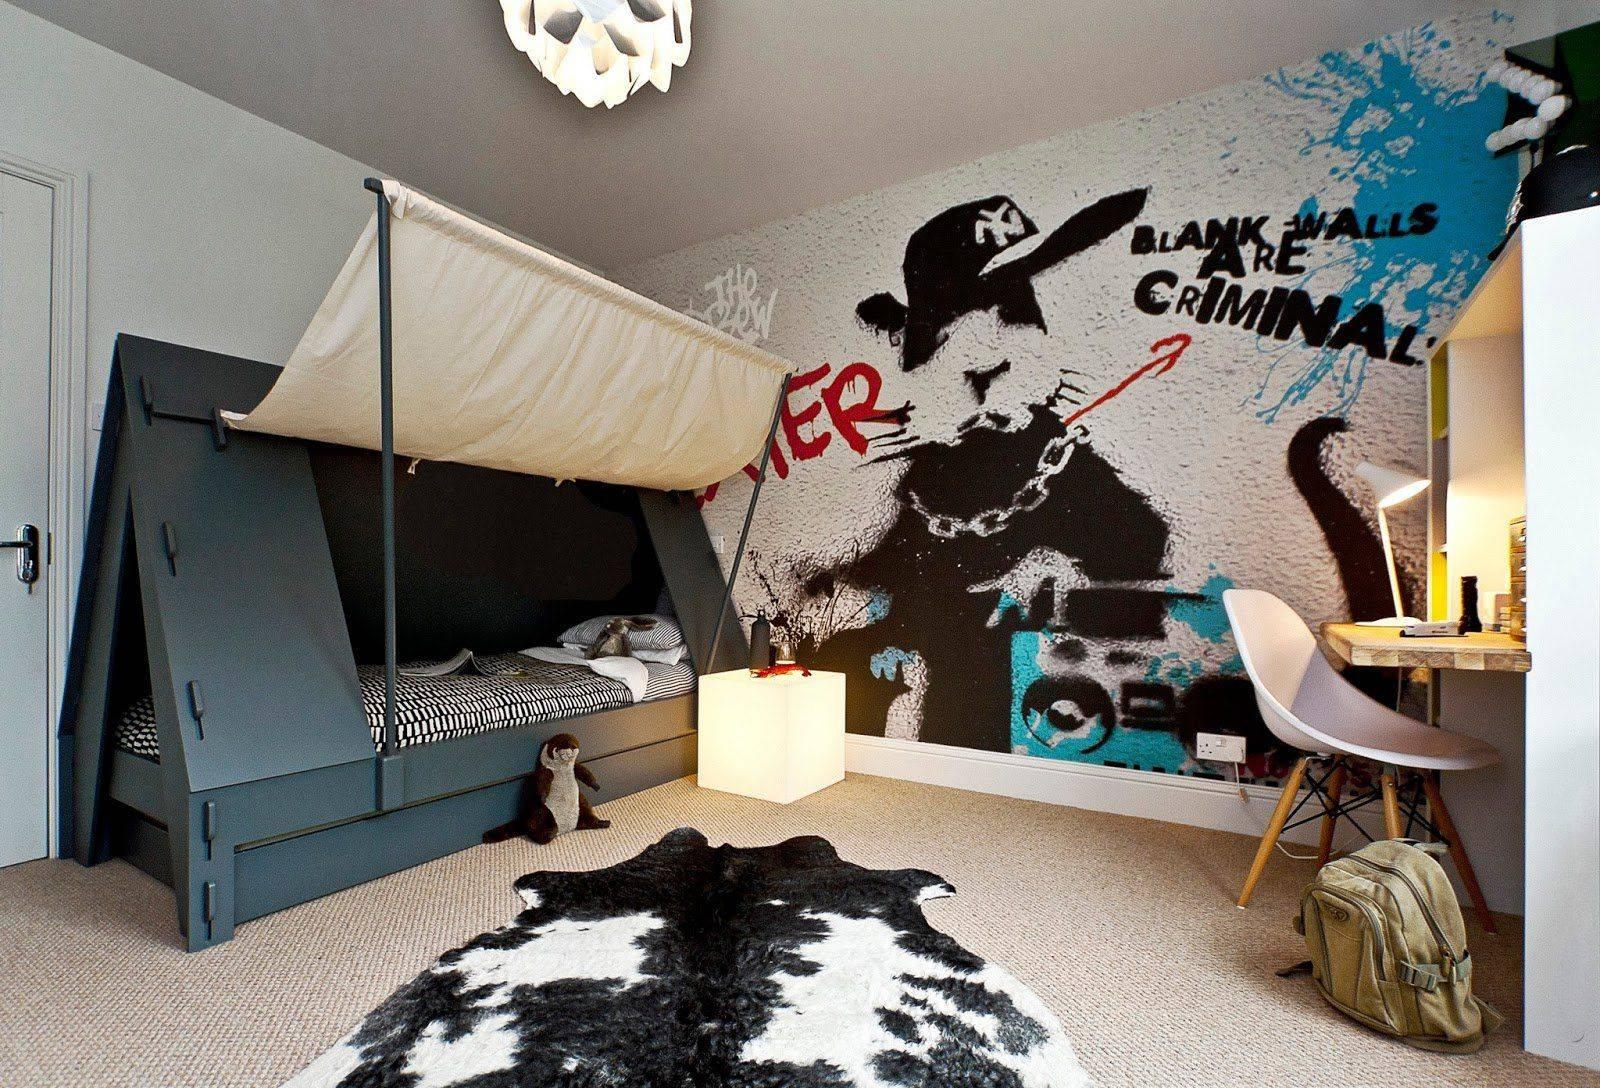 Обои граффити: как выбрать в комнату обои в стиле граффити, модели с рисунком на стену в интерьере квартиры